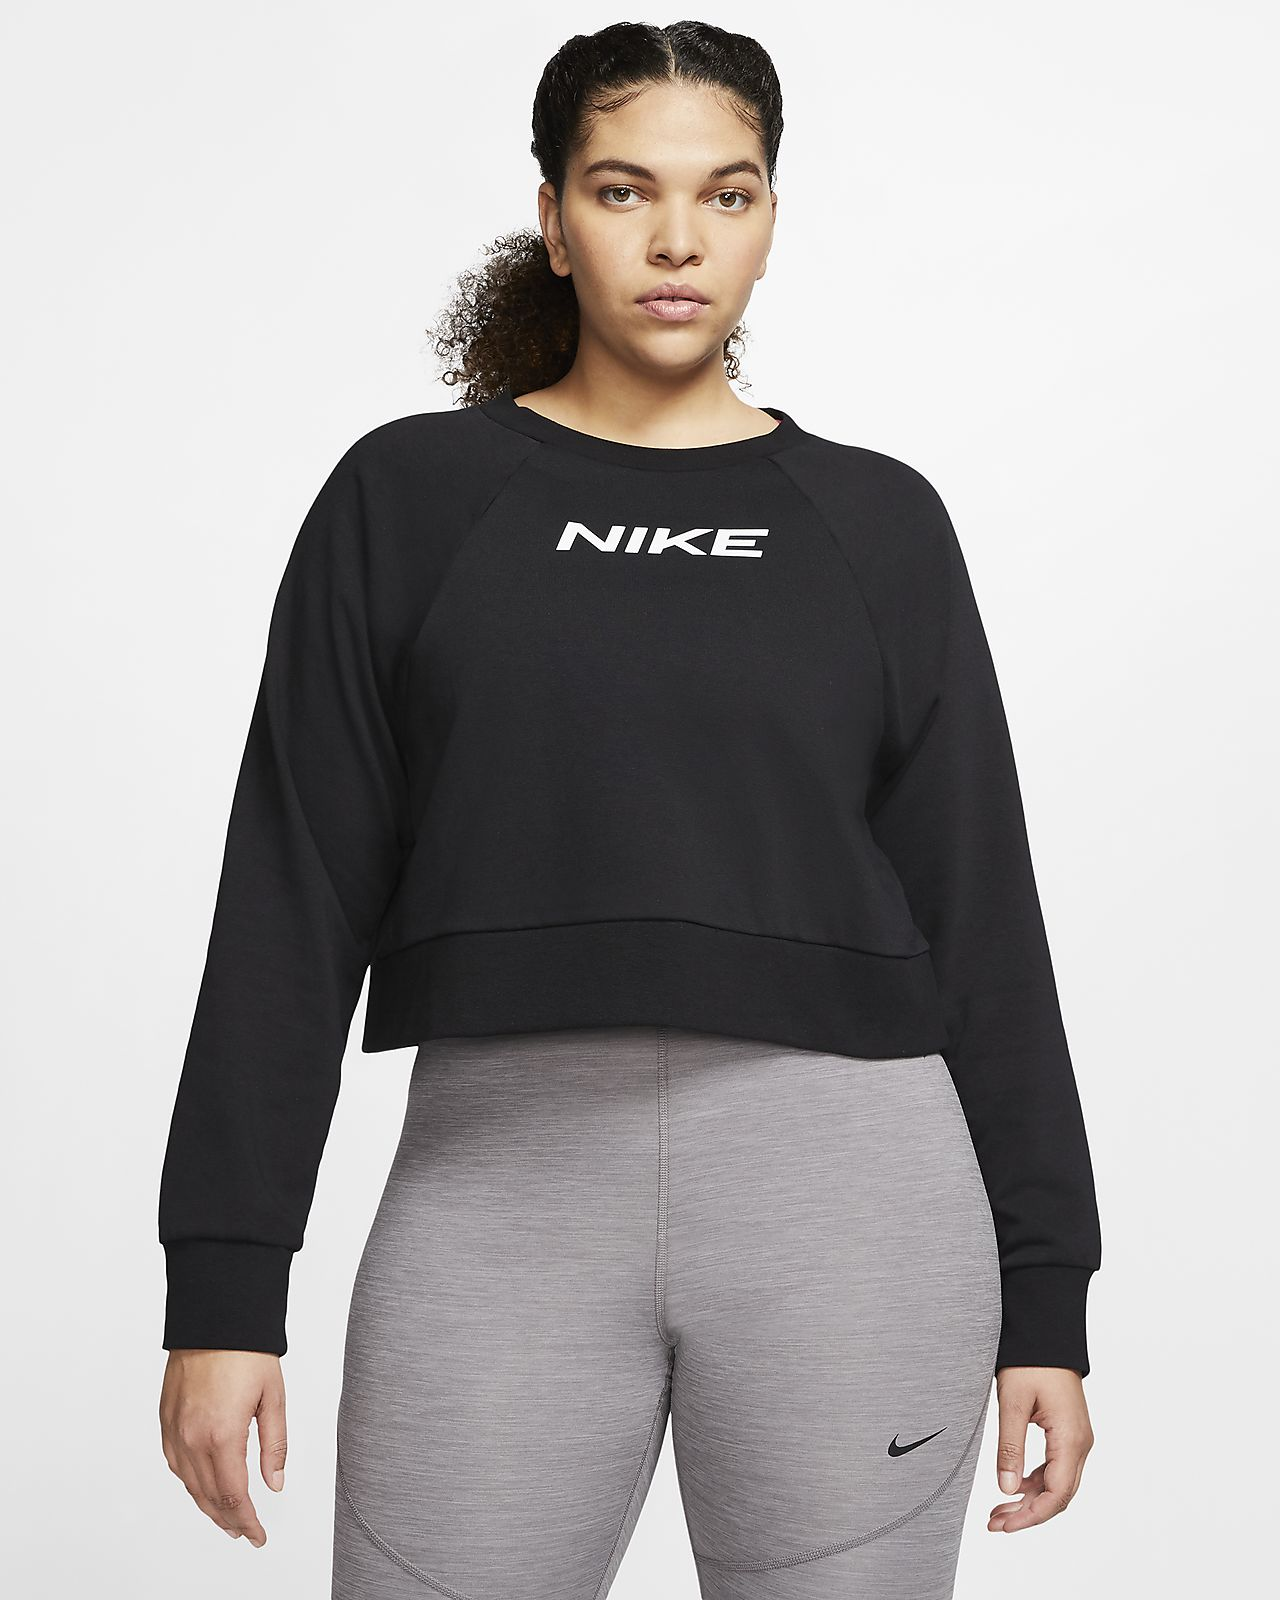 Nike Trainings-Rundhalsausschnitt für Damen (große Größe)